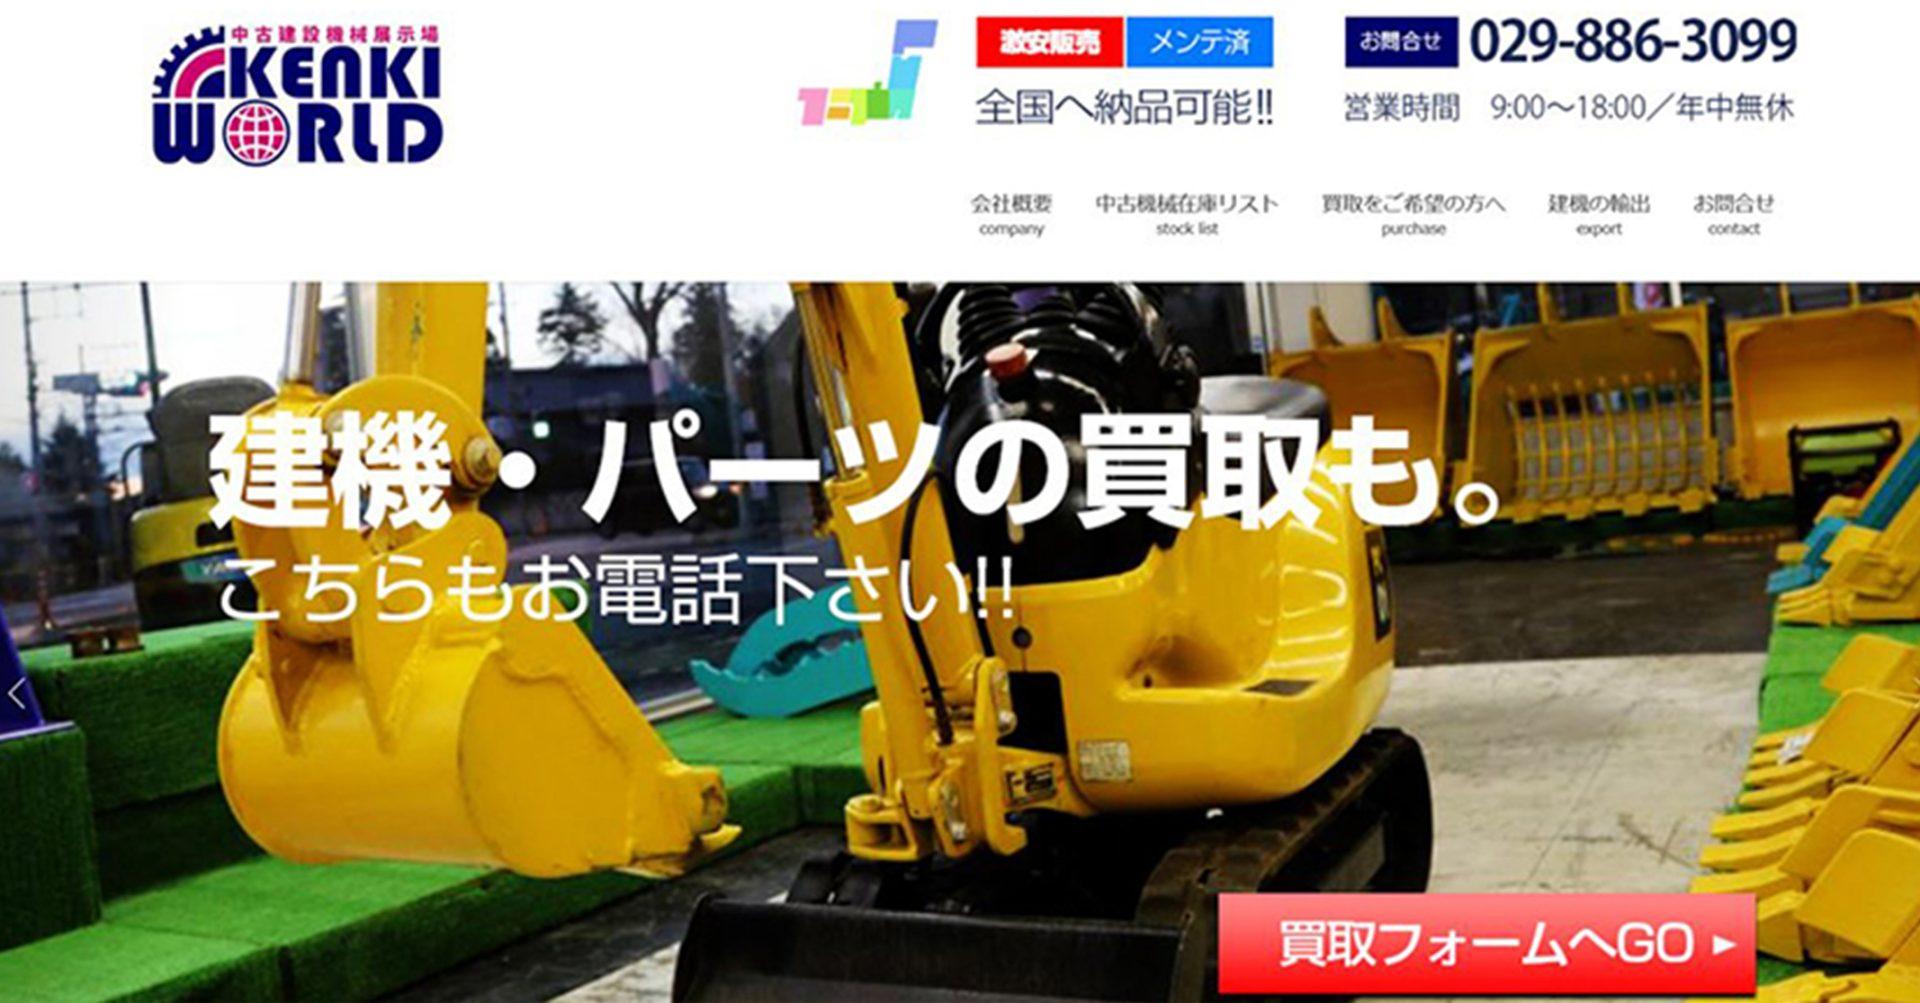 建機ワールドのホームページ